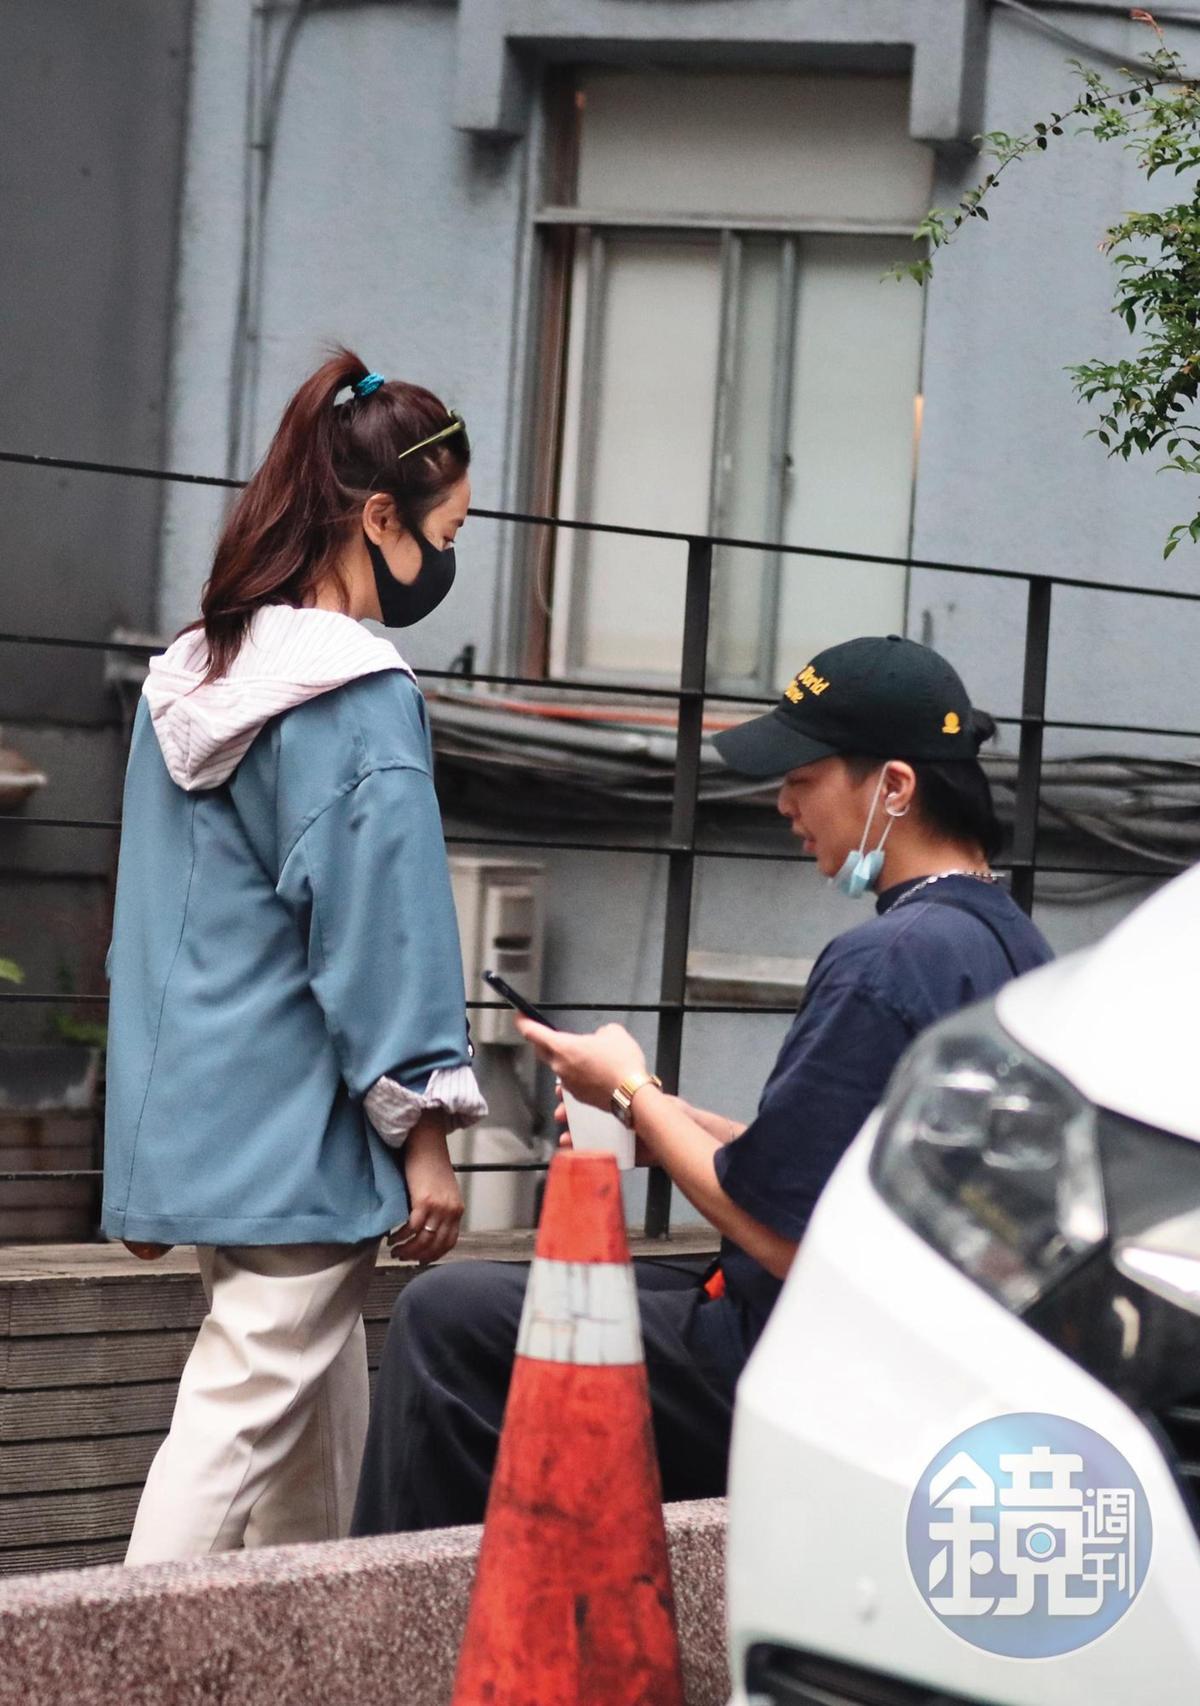 15:55 吳姍儒和男友買了飲料後到附近路邊花圃坐下閒聊。